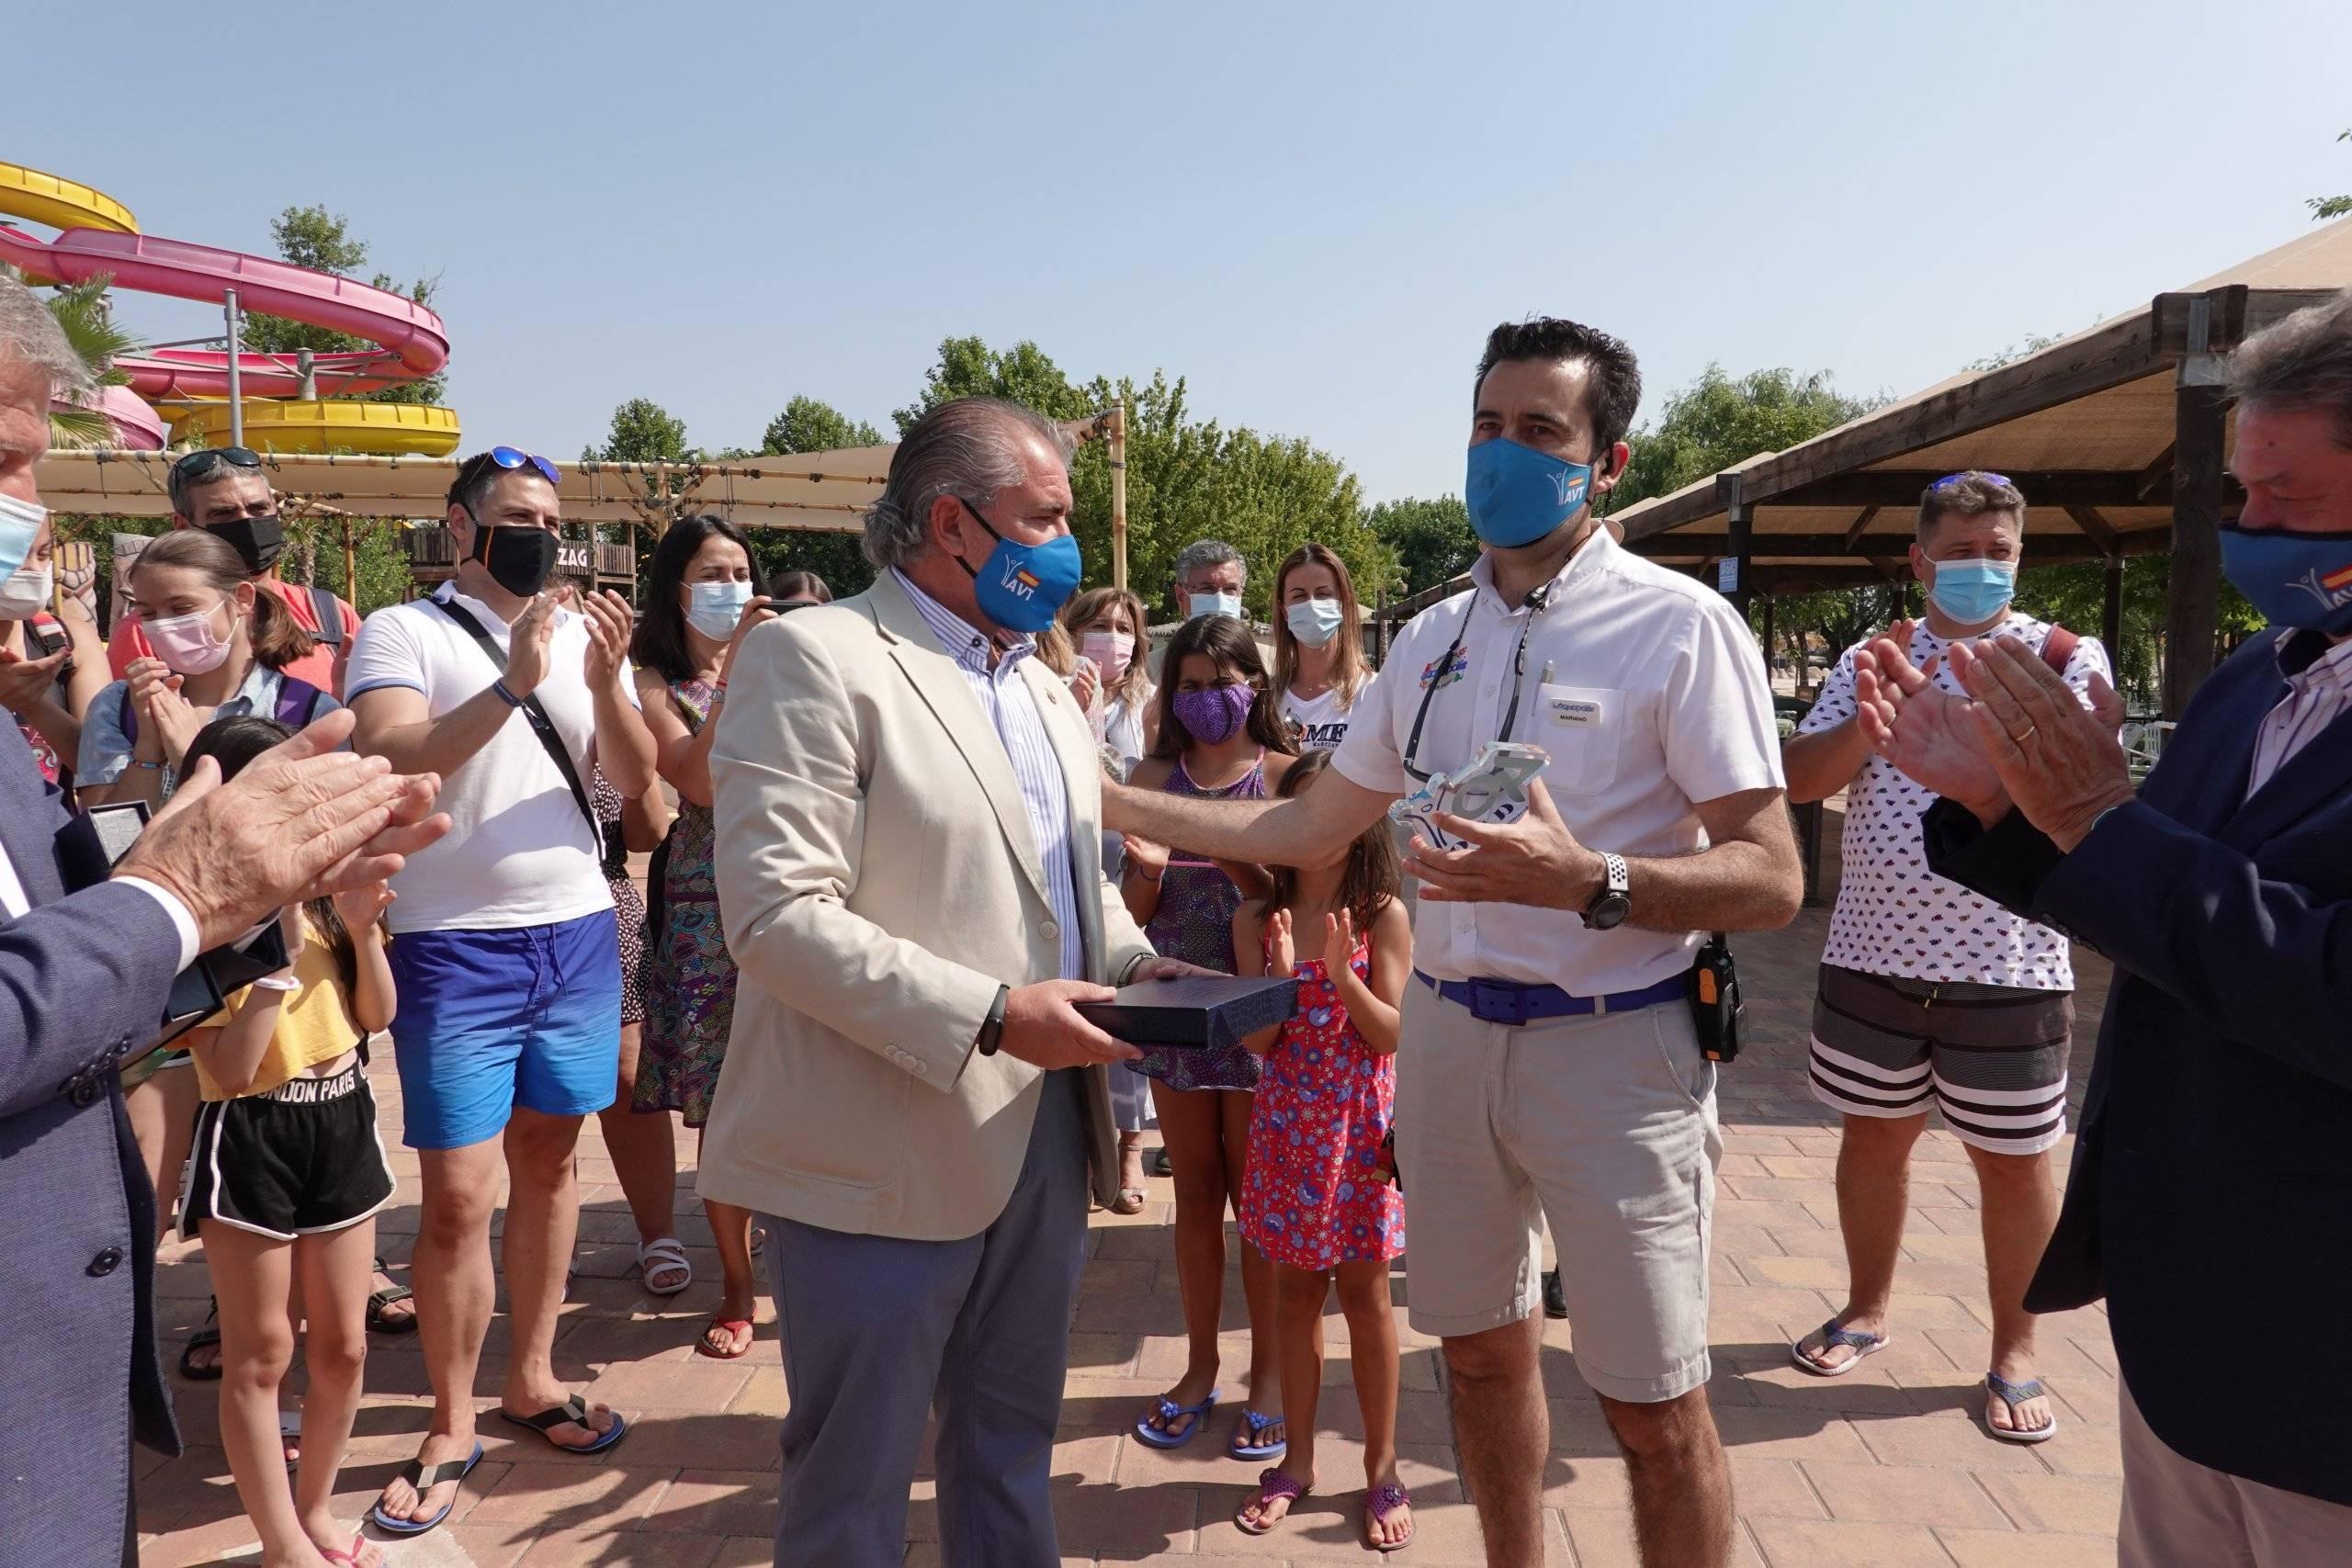 El director de Aquopolis recibiendo el galardón de manos del consejero de la AVT.